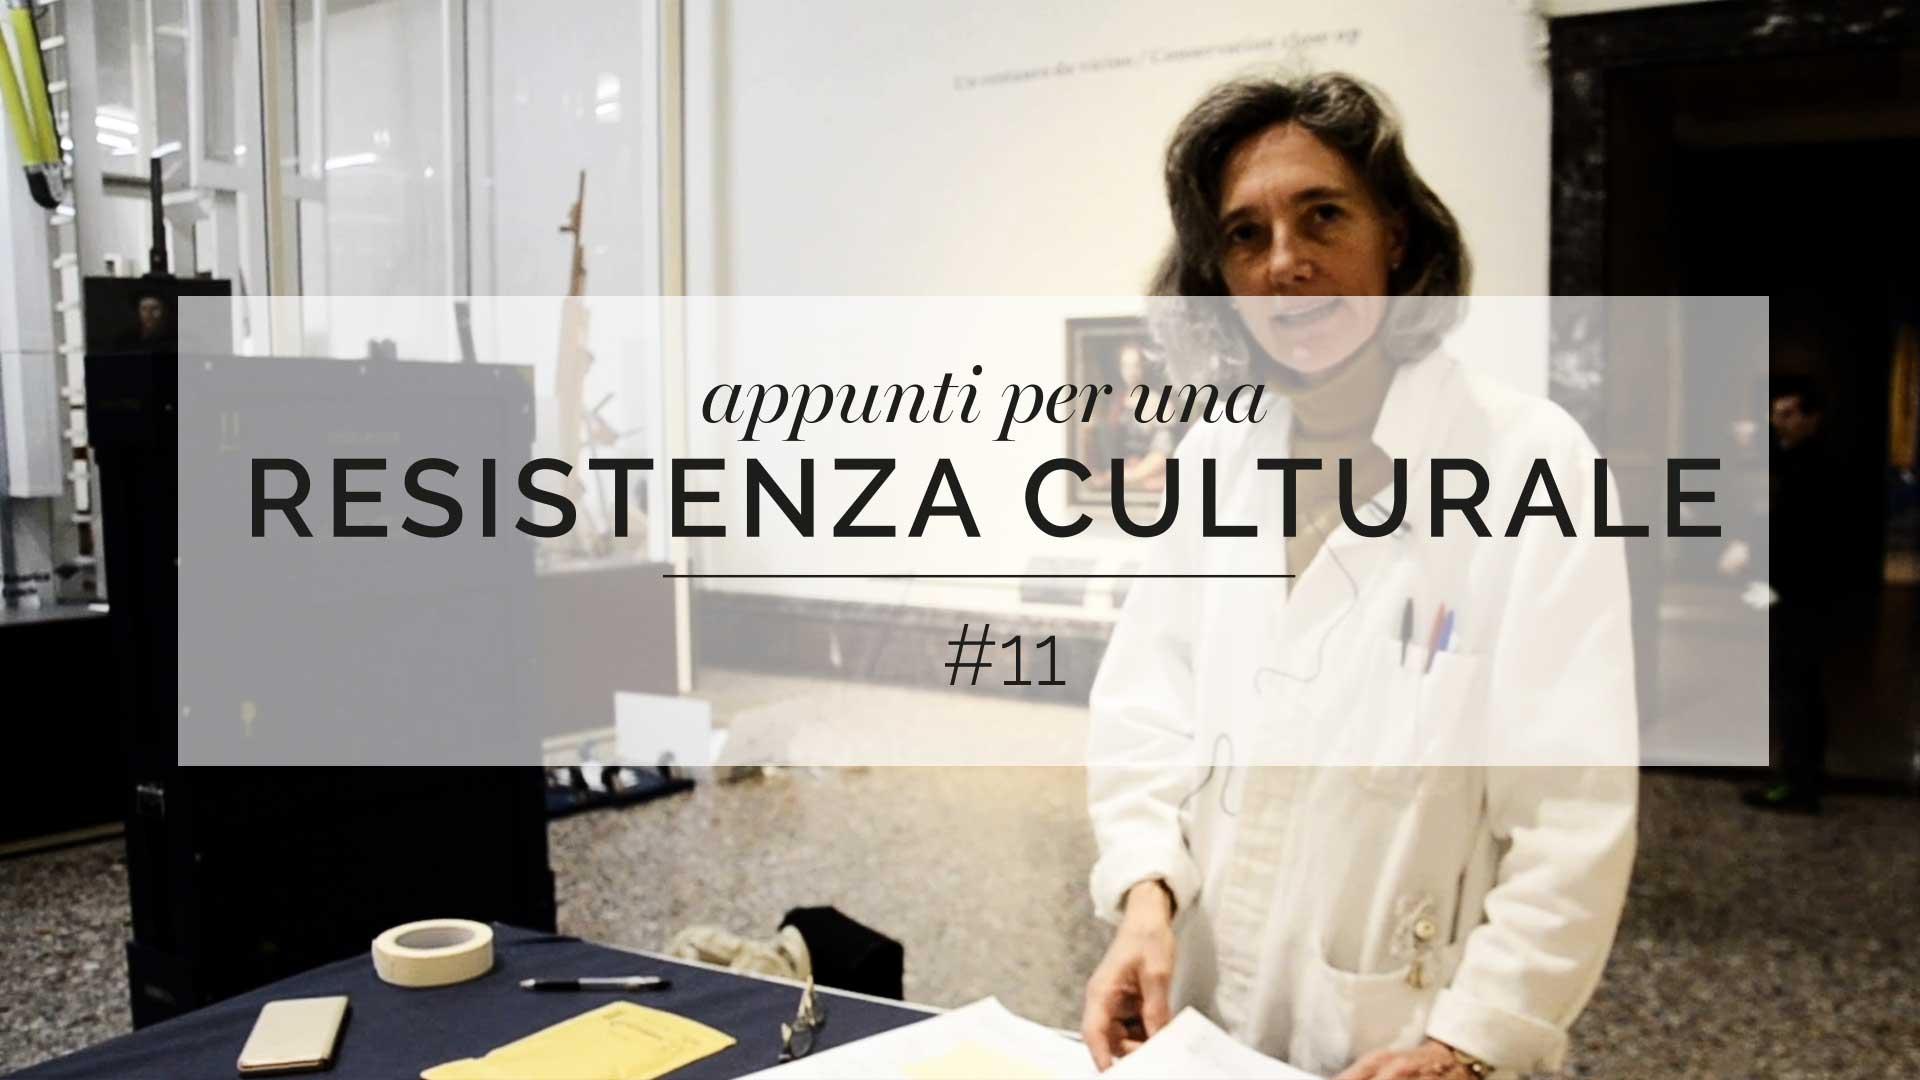 Appunti per una resistenza culturale #11